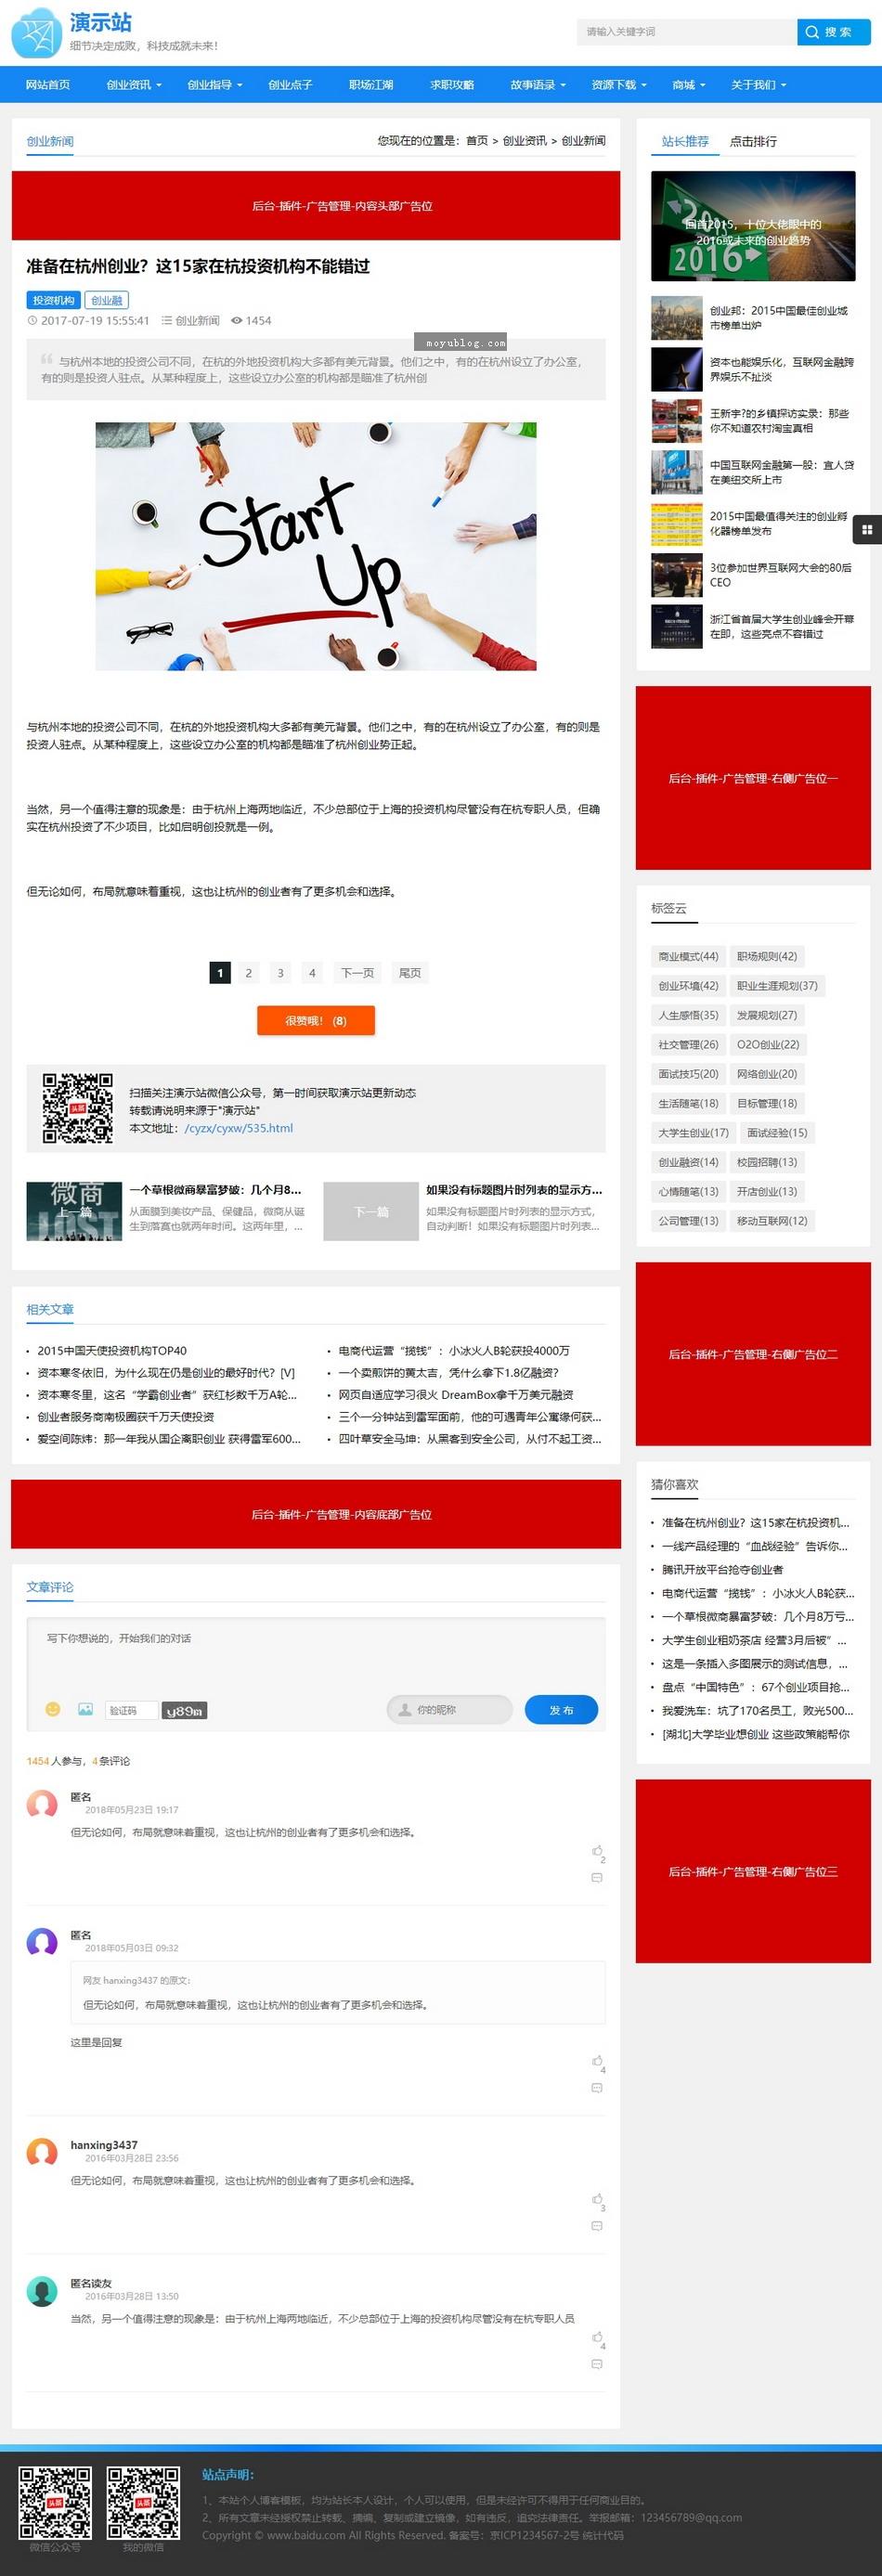 帝国CMS视频收费播放下载新闻资讯门户商城自适应手机HTML5整站模板插图(2)